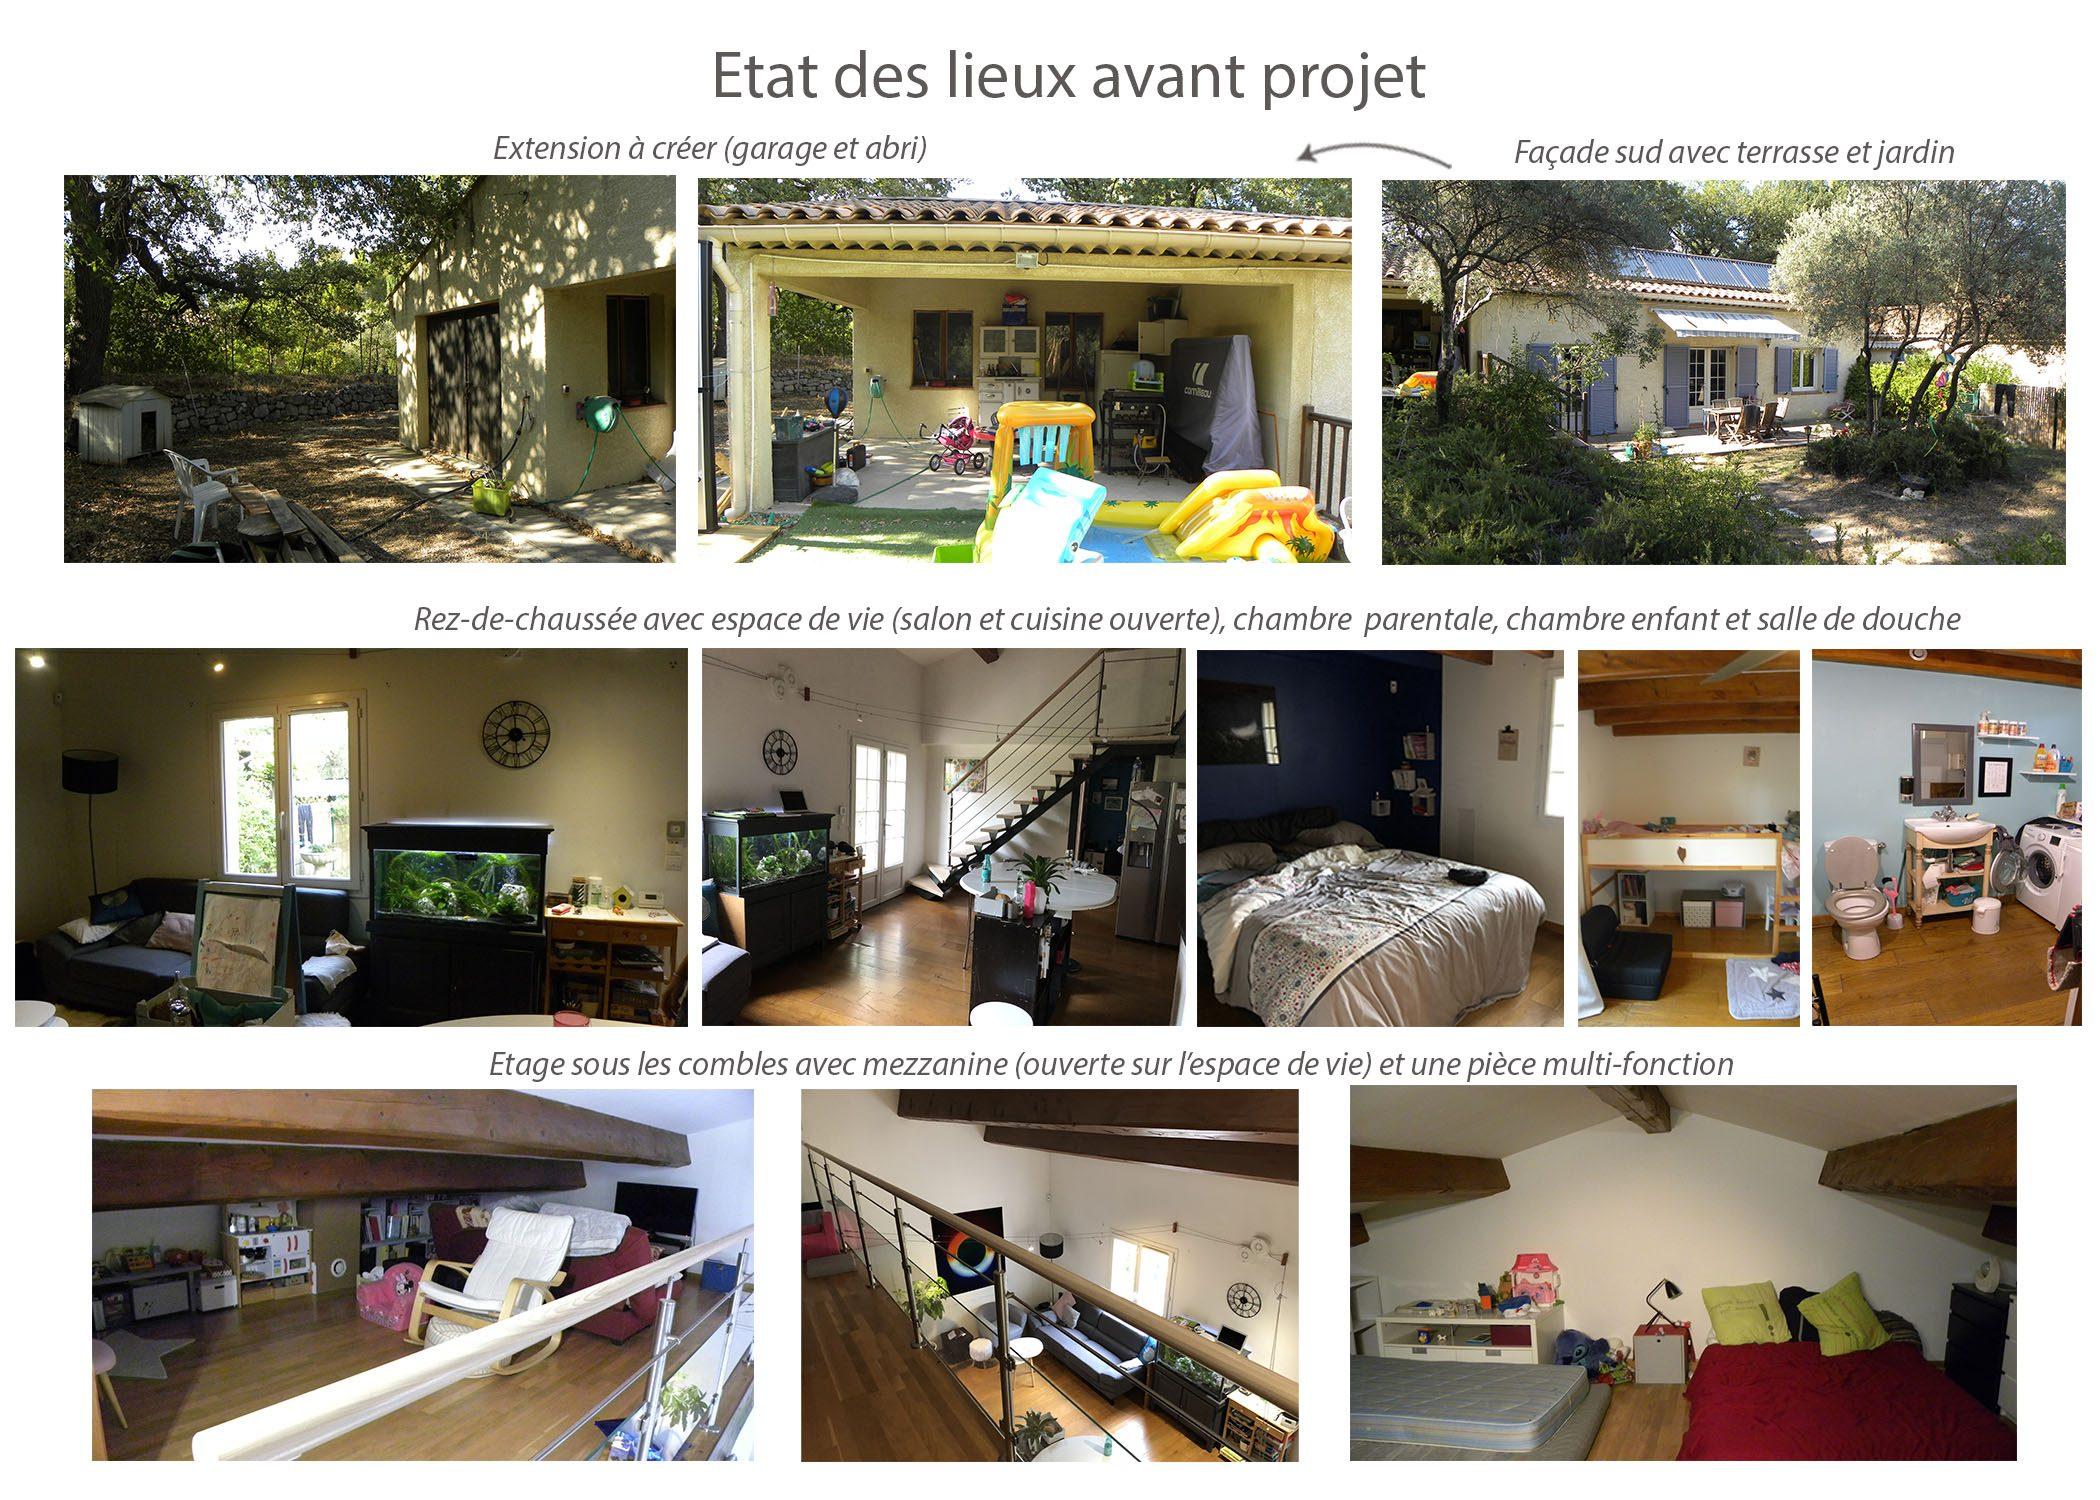 renovation-amenagement-decoration-maison de famille-fuveau-etat existant avant projet-dekho design